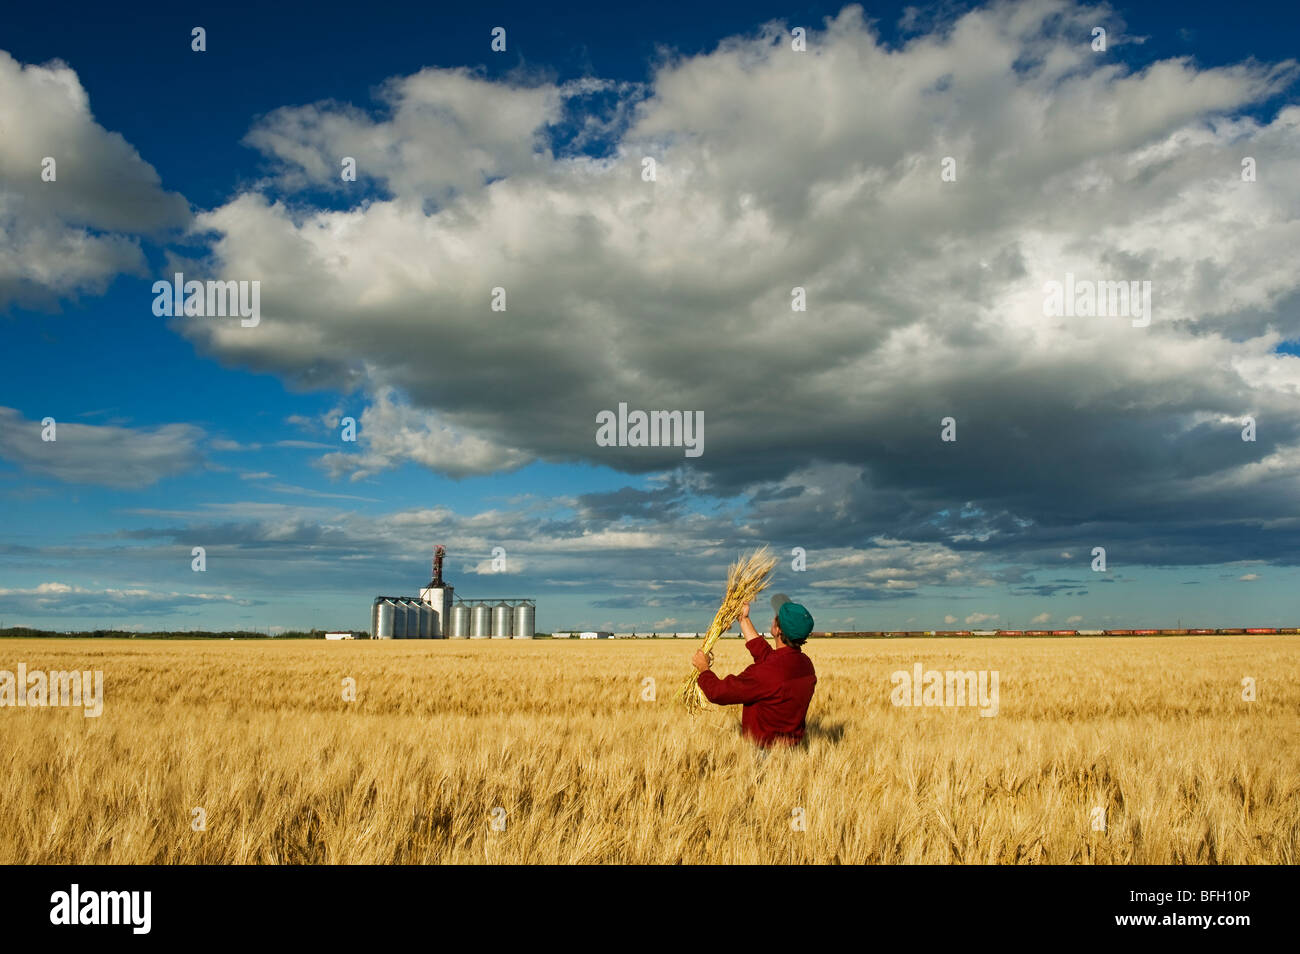 El hombre busca la cebada madura con un terminal de granos del interior y el desarrollo de los cúmulos de nubes Imagen De Stock